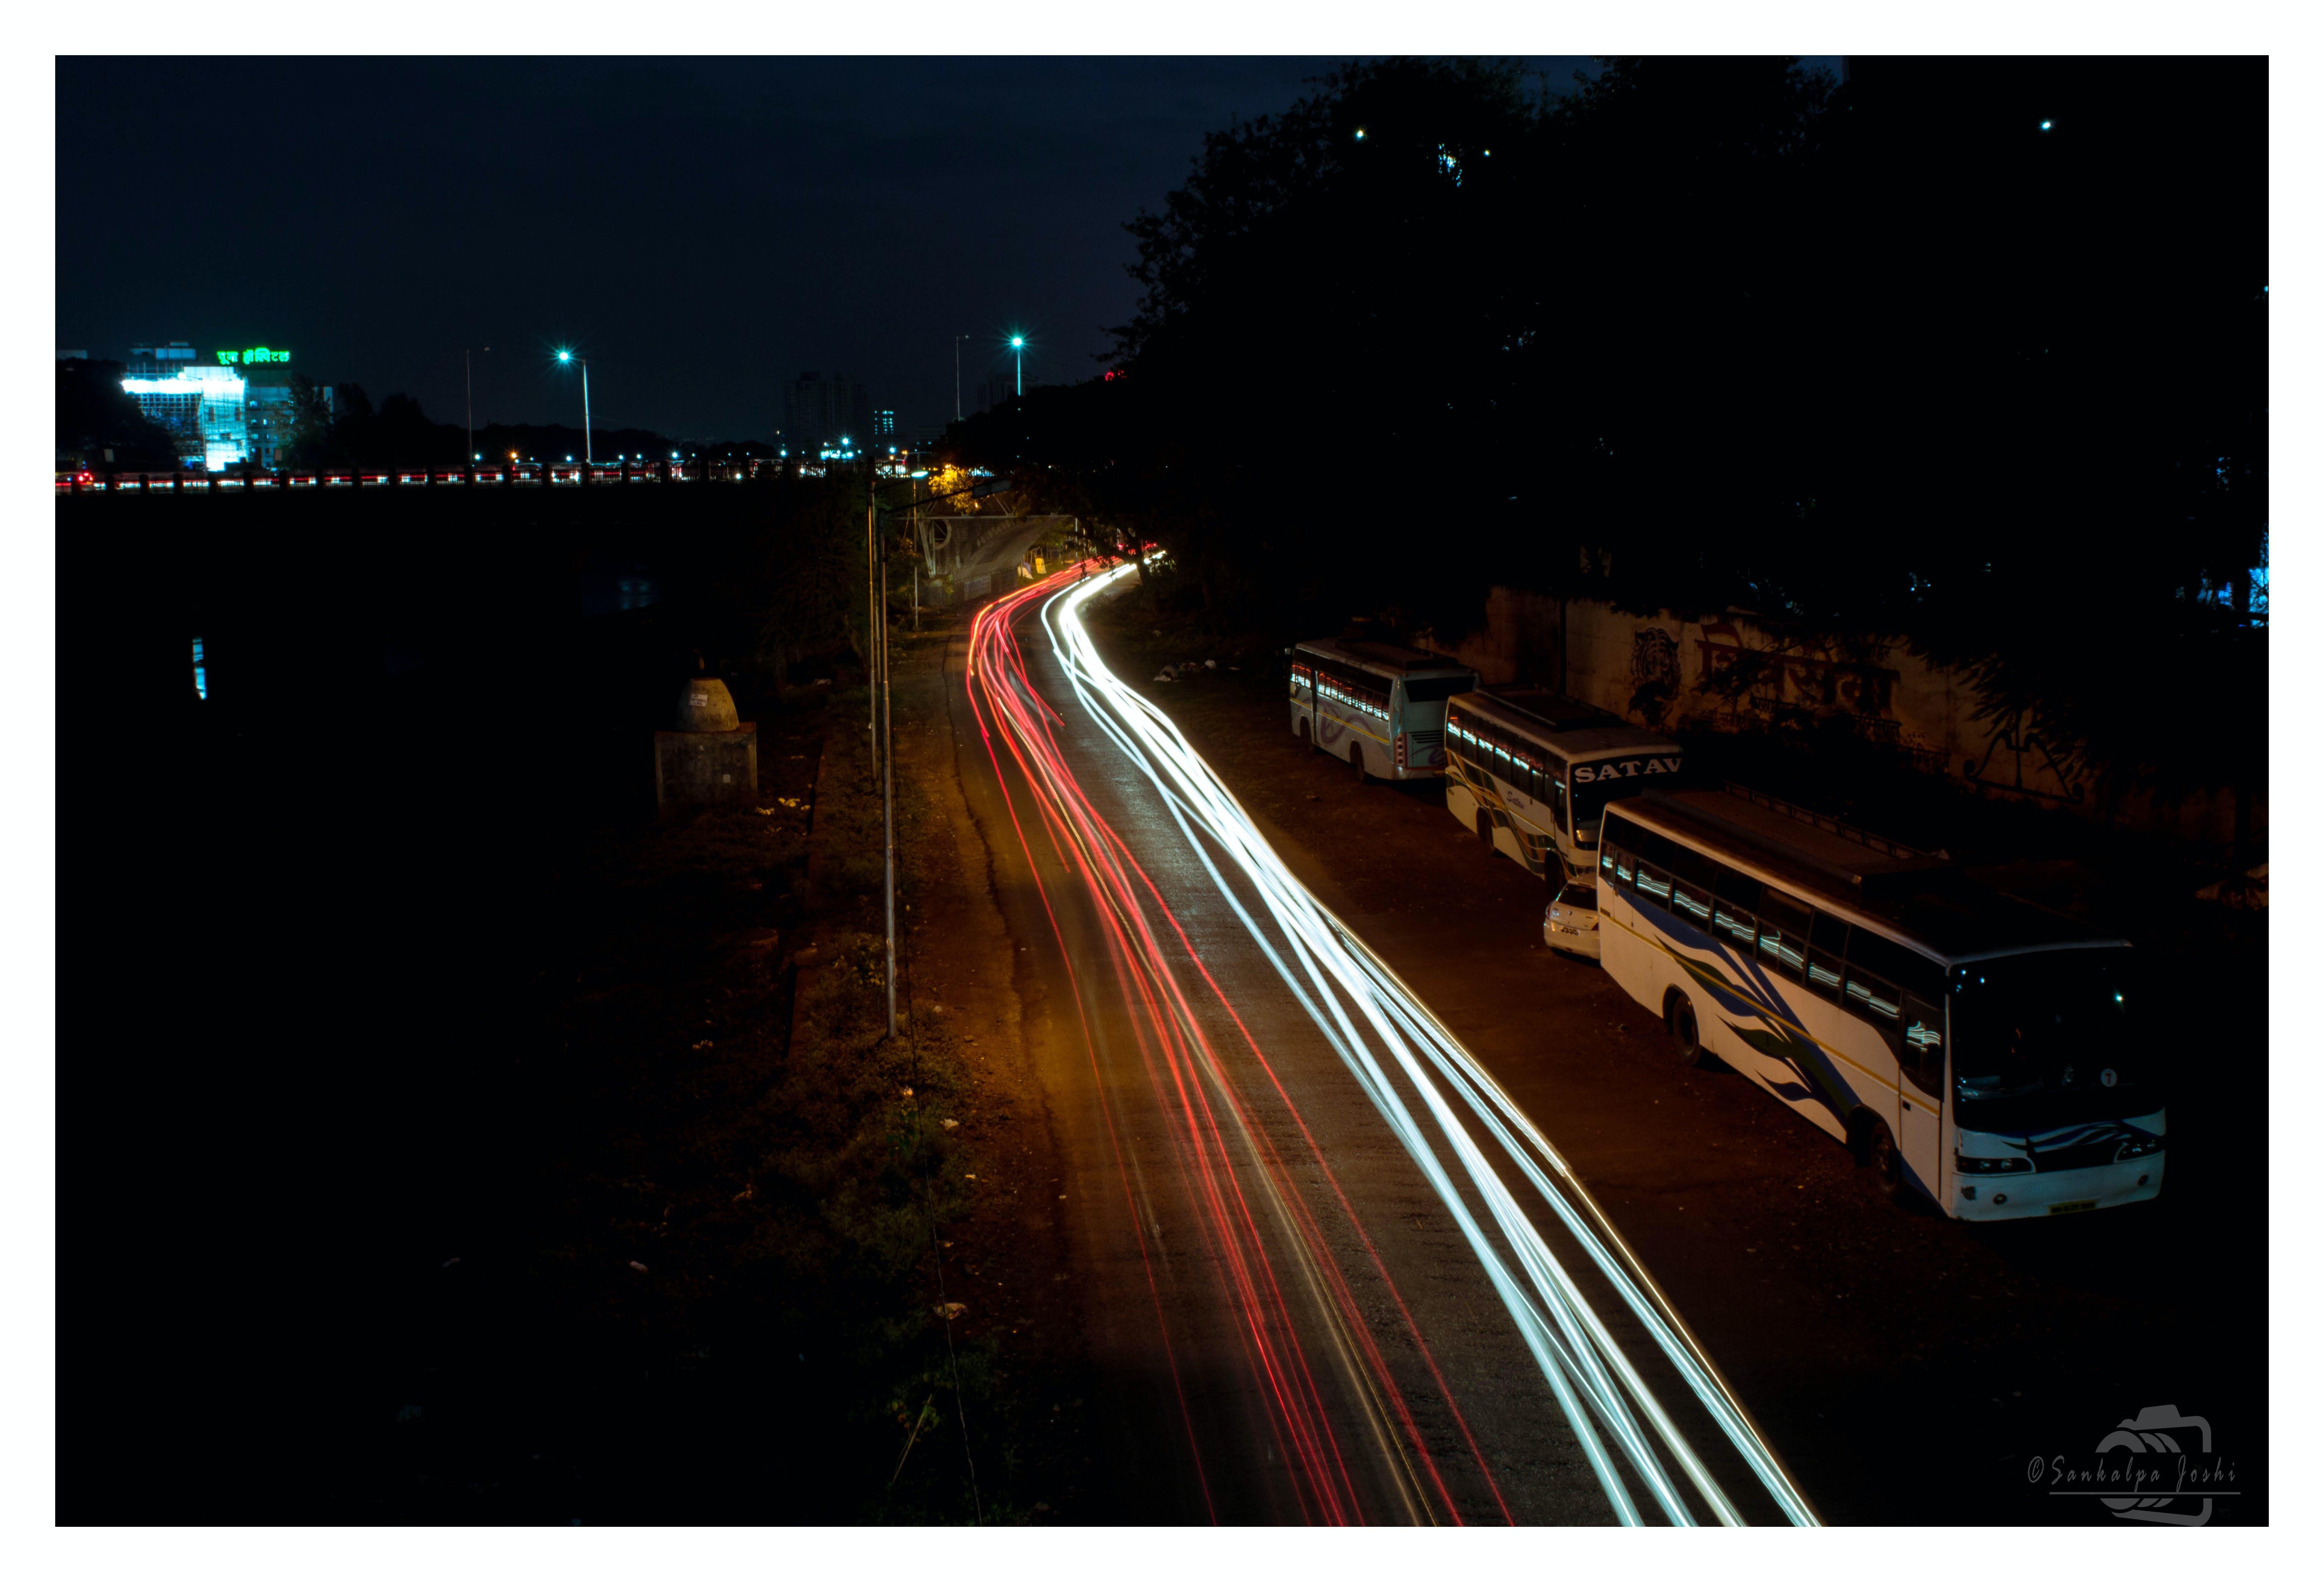 Fotos de stock gratuitas de #outdoorchallenge, amarillo, ambos lados, caminos